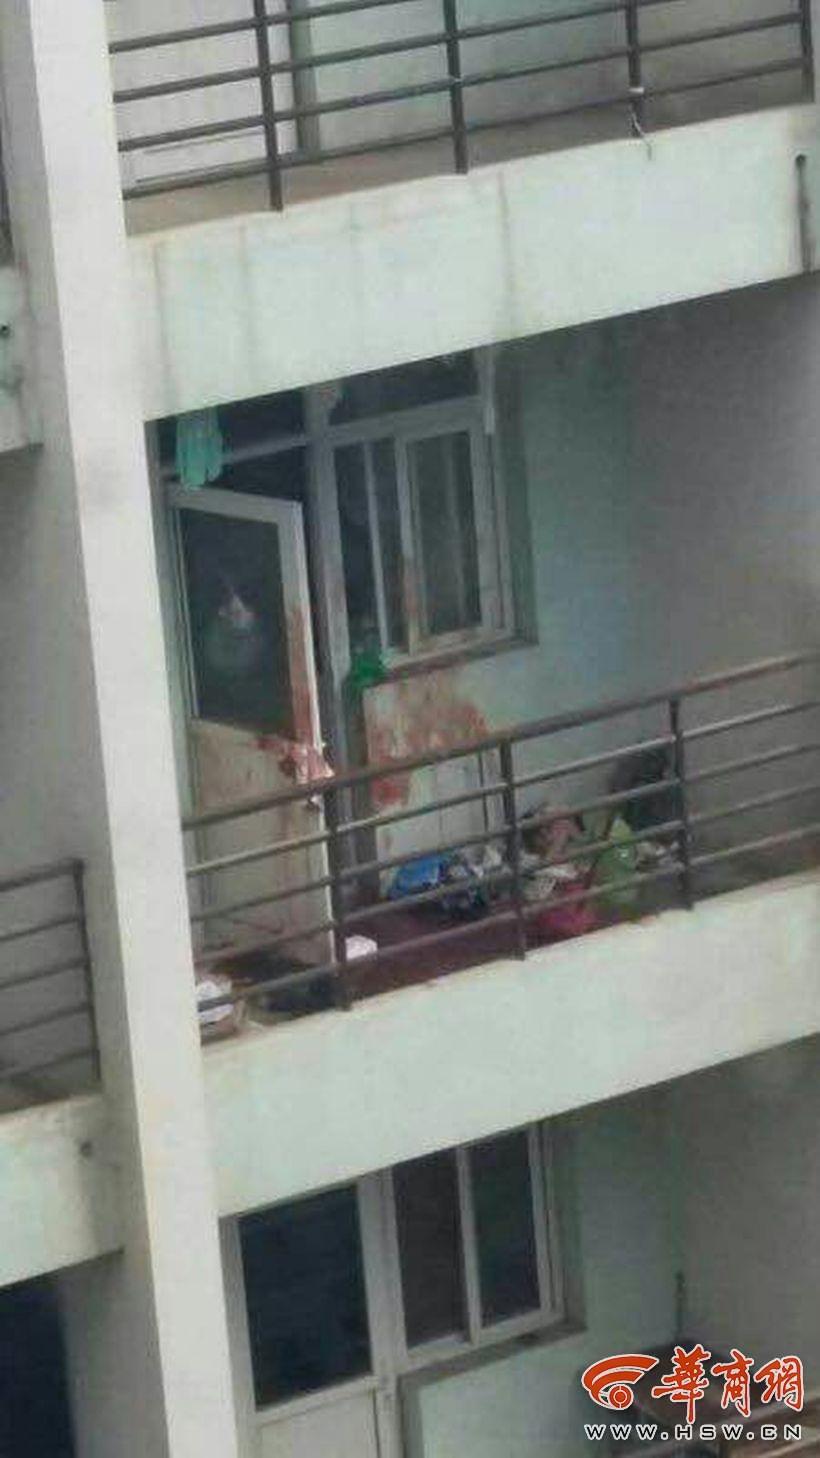 华商报延安讯(记者 董瀚文 陈雪)7月23日凌晨,3名延安大学女生被一名女同学在宿舍捅伤,目前三名女生在延安大学附属医院接受治疗。